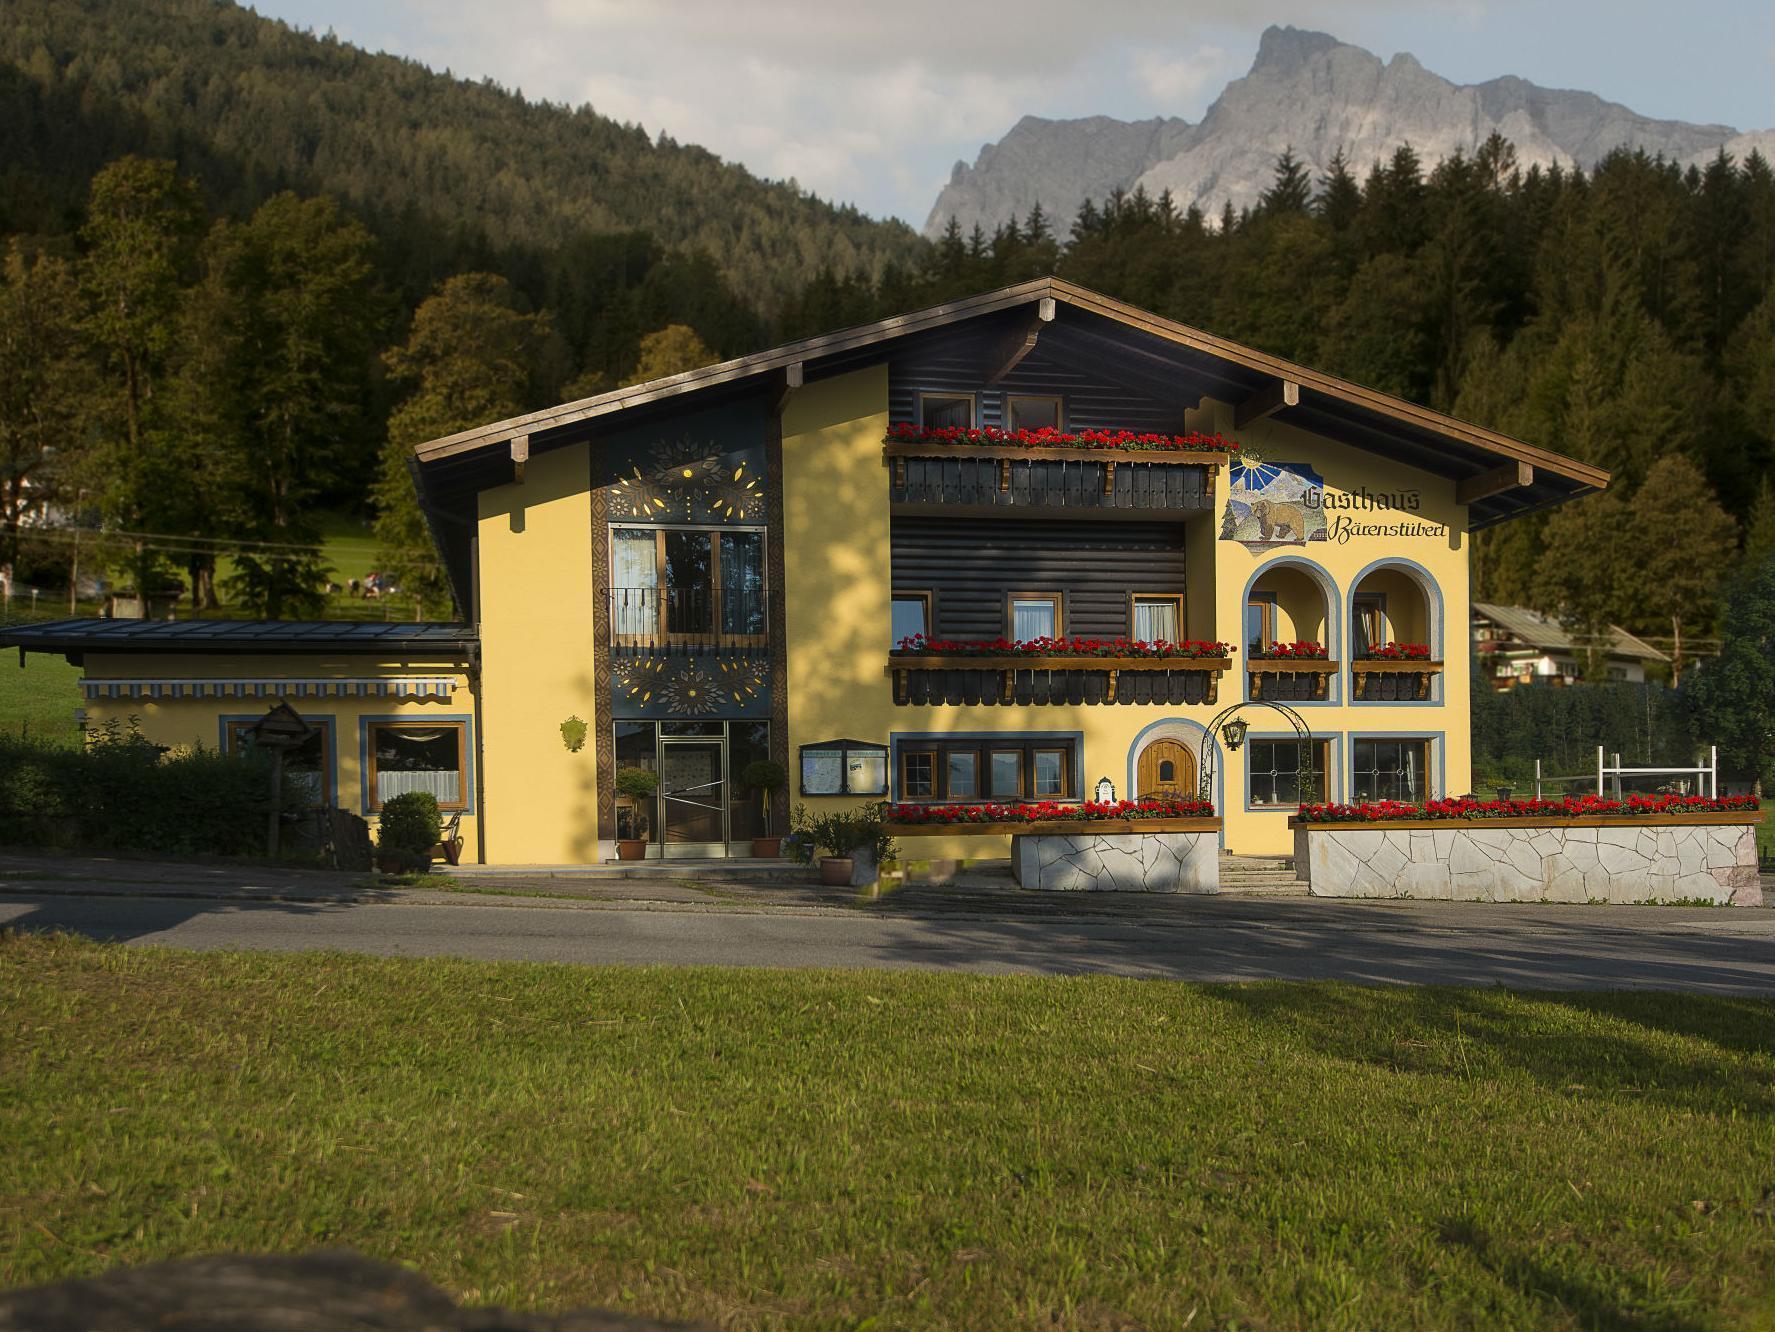 Hotel Barenstuberl